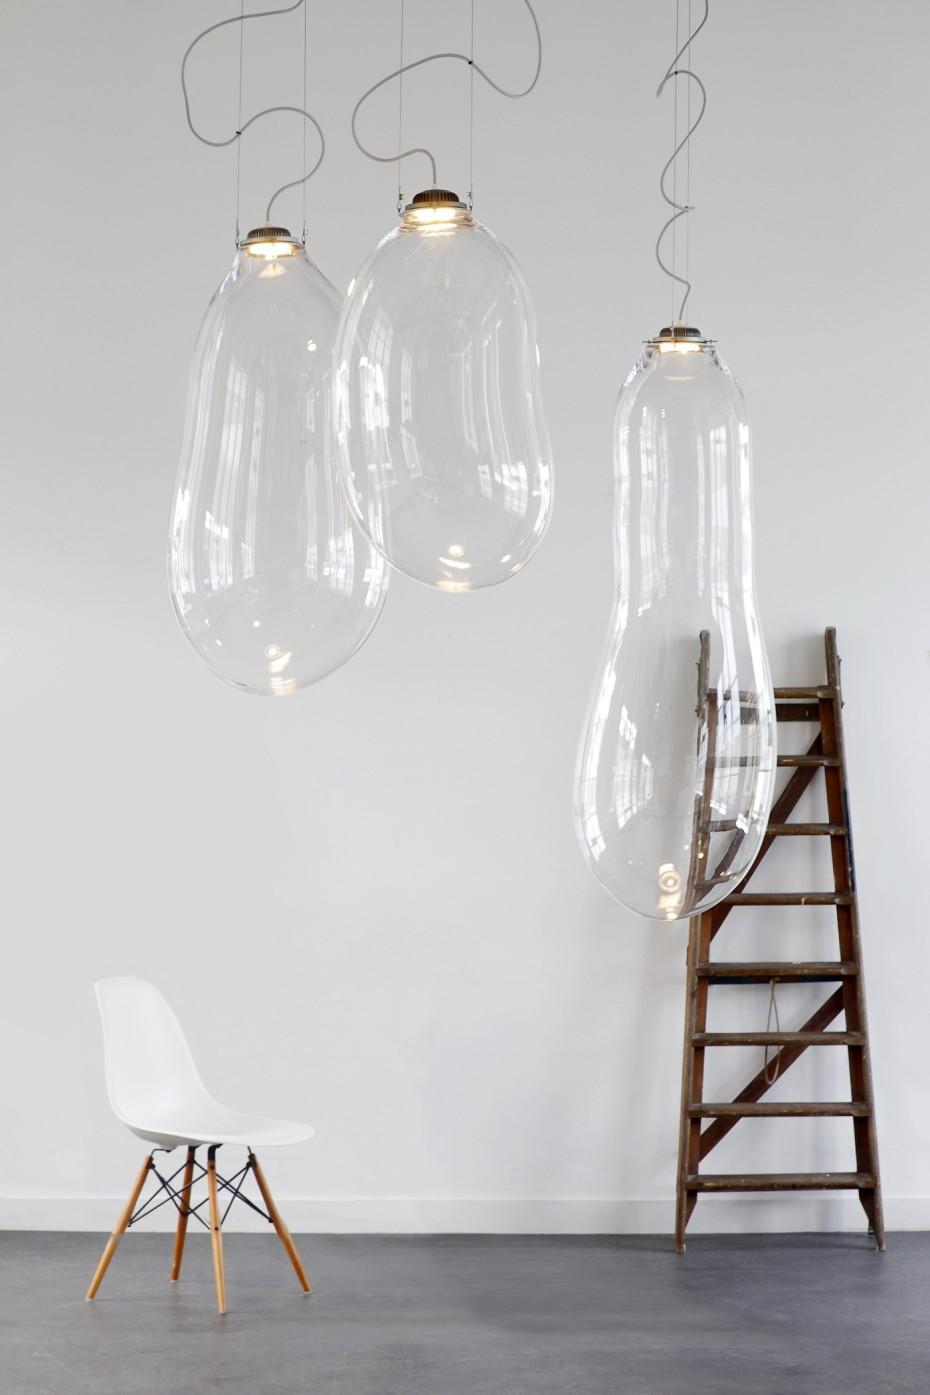 Big Bubble by Alex de Witte